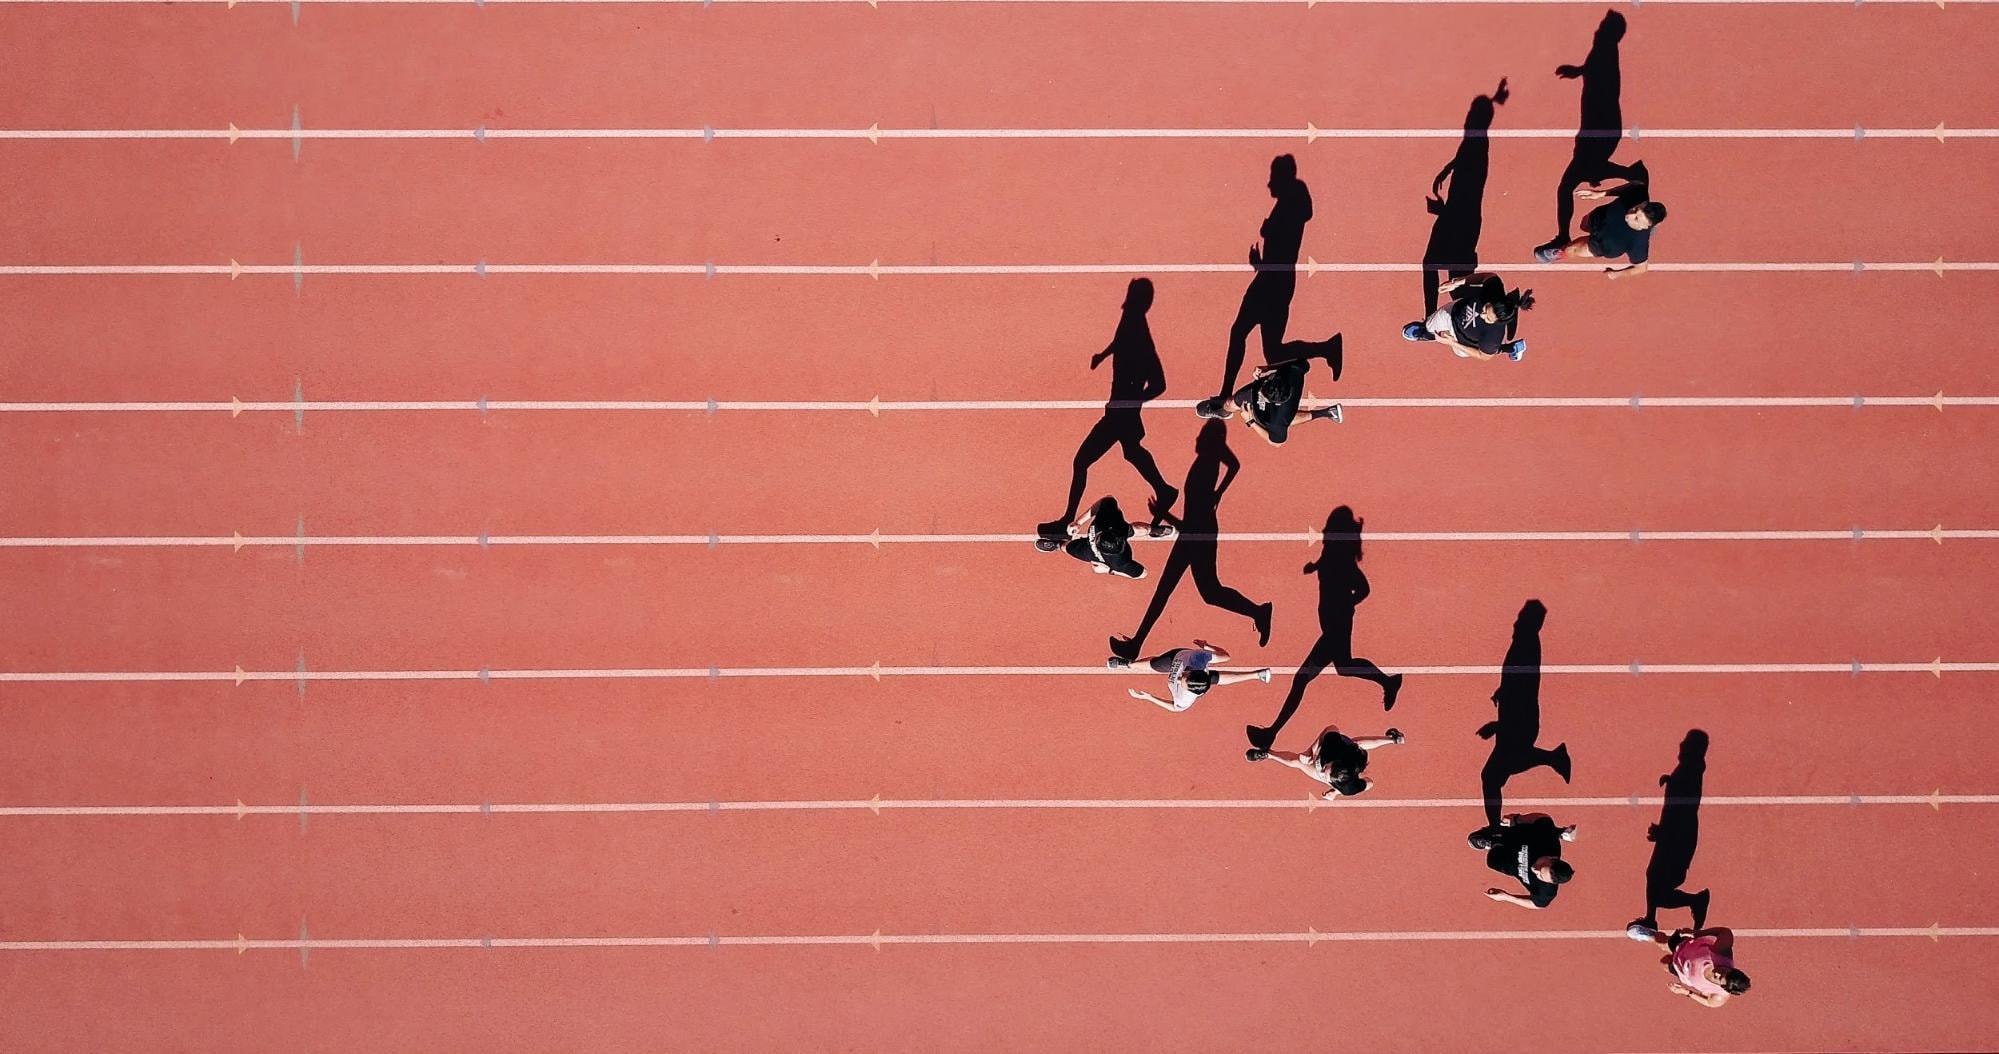 sports-photography-steven-lelham